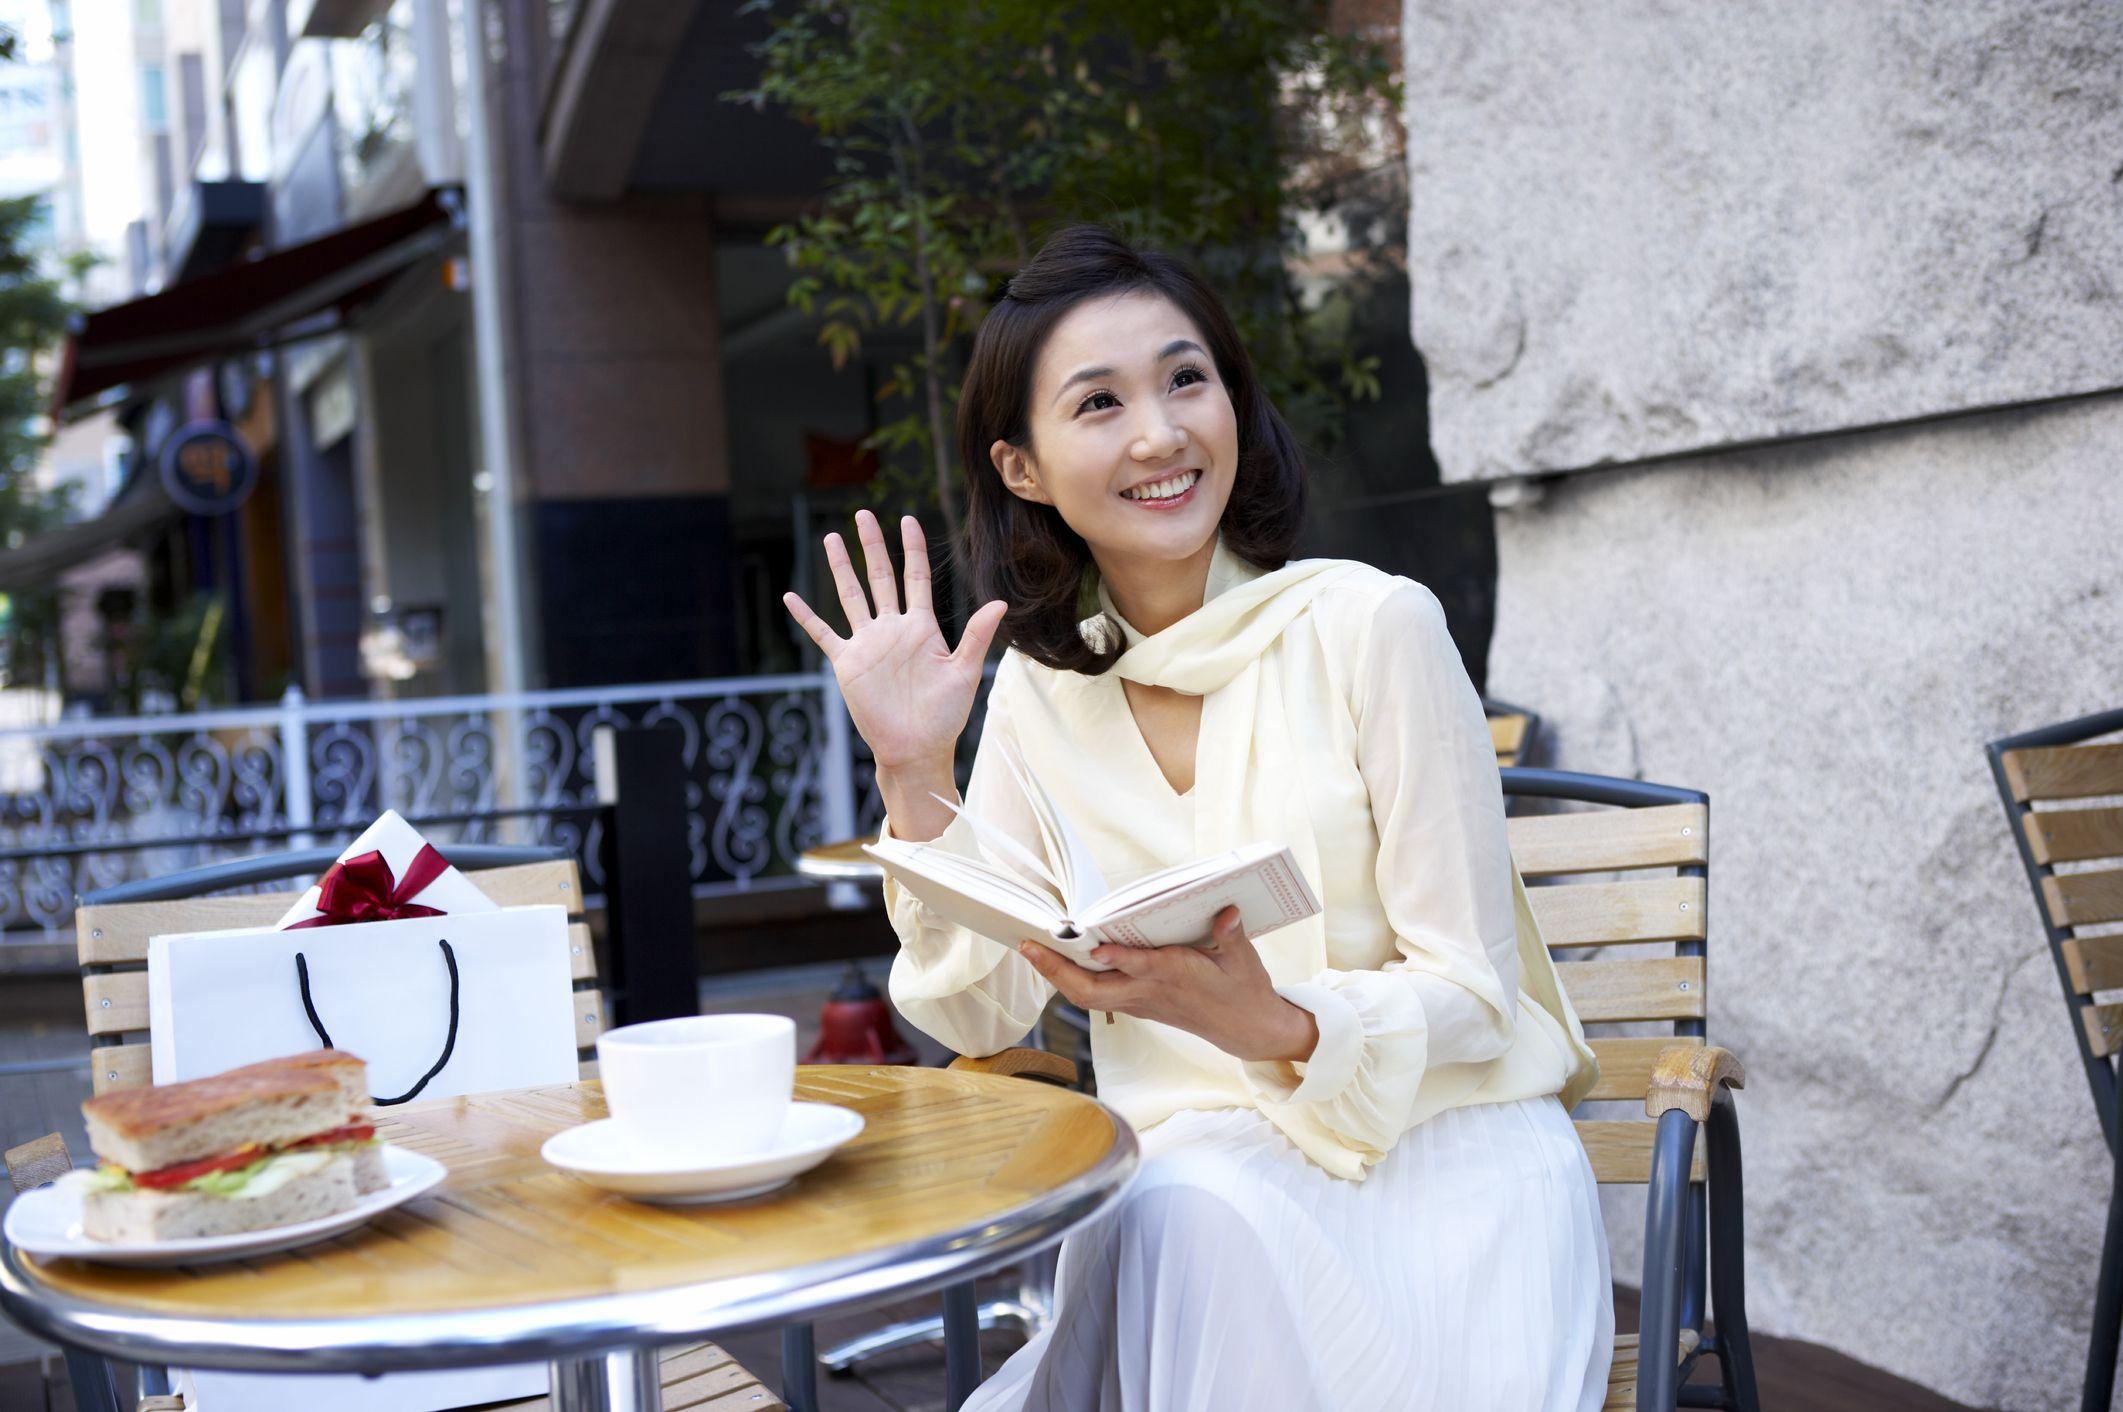 Wie Zu Sagen Hallo In Respectful Korean